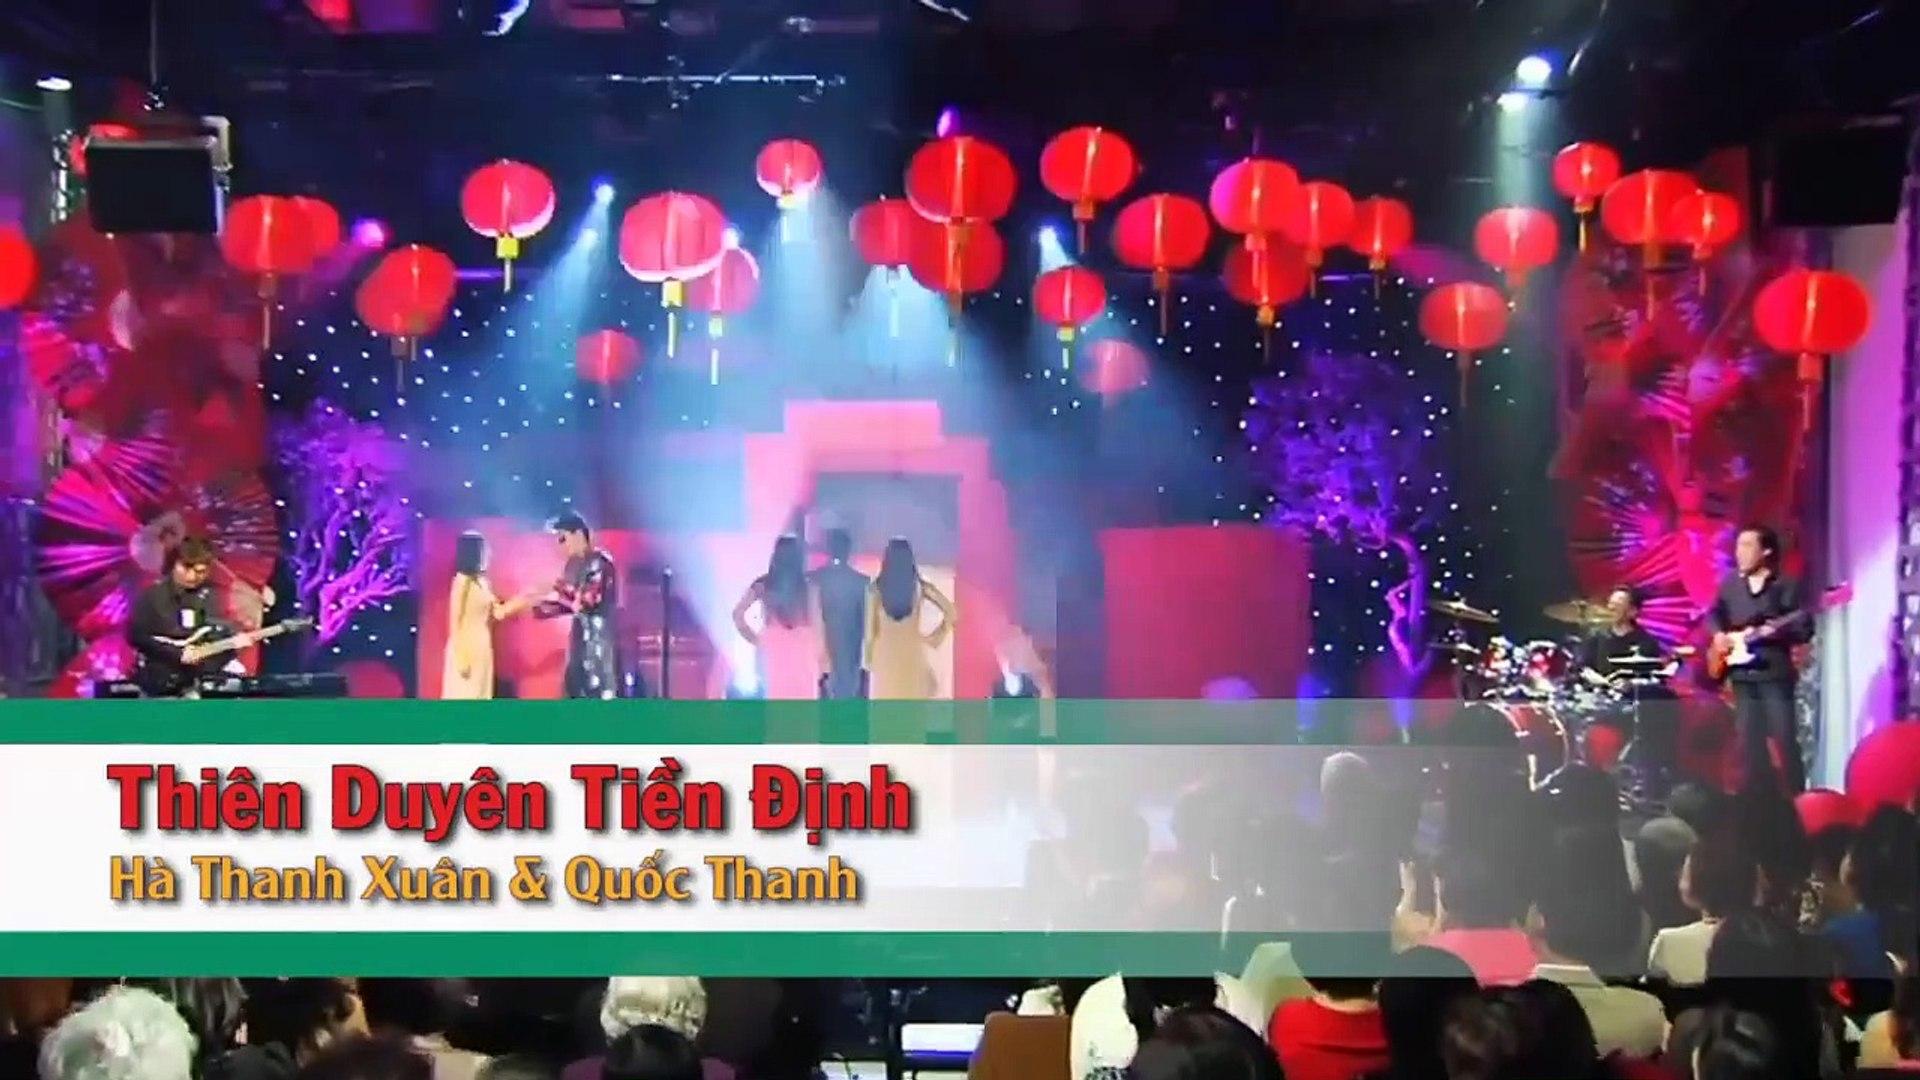 [Karaoke] Thiên Duyên Tiền Định - Quốc Khanh Ft. Hà Thanh Xuân [Beat]